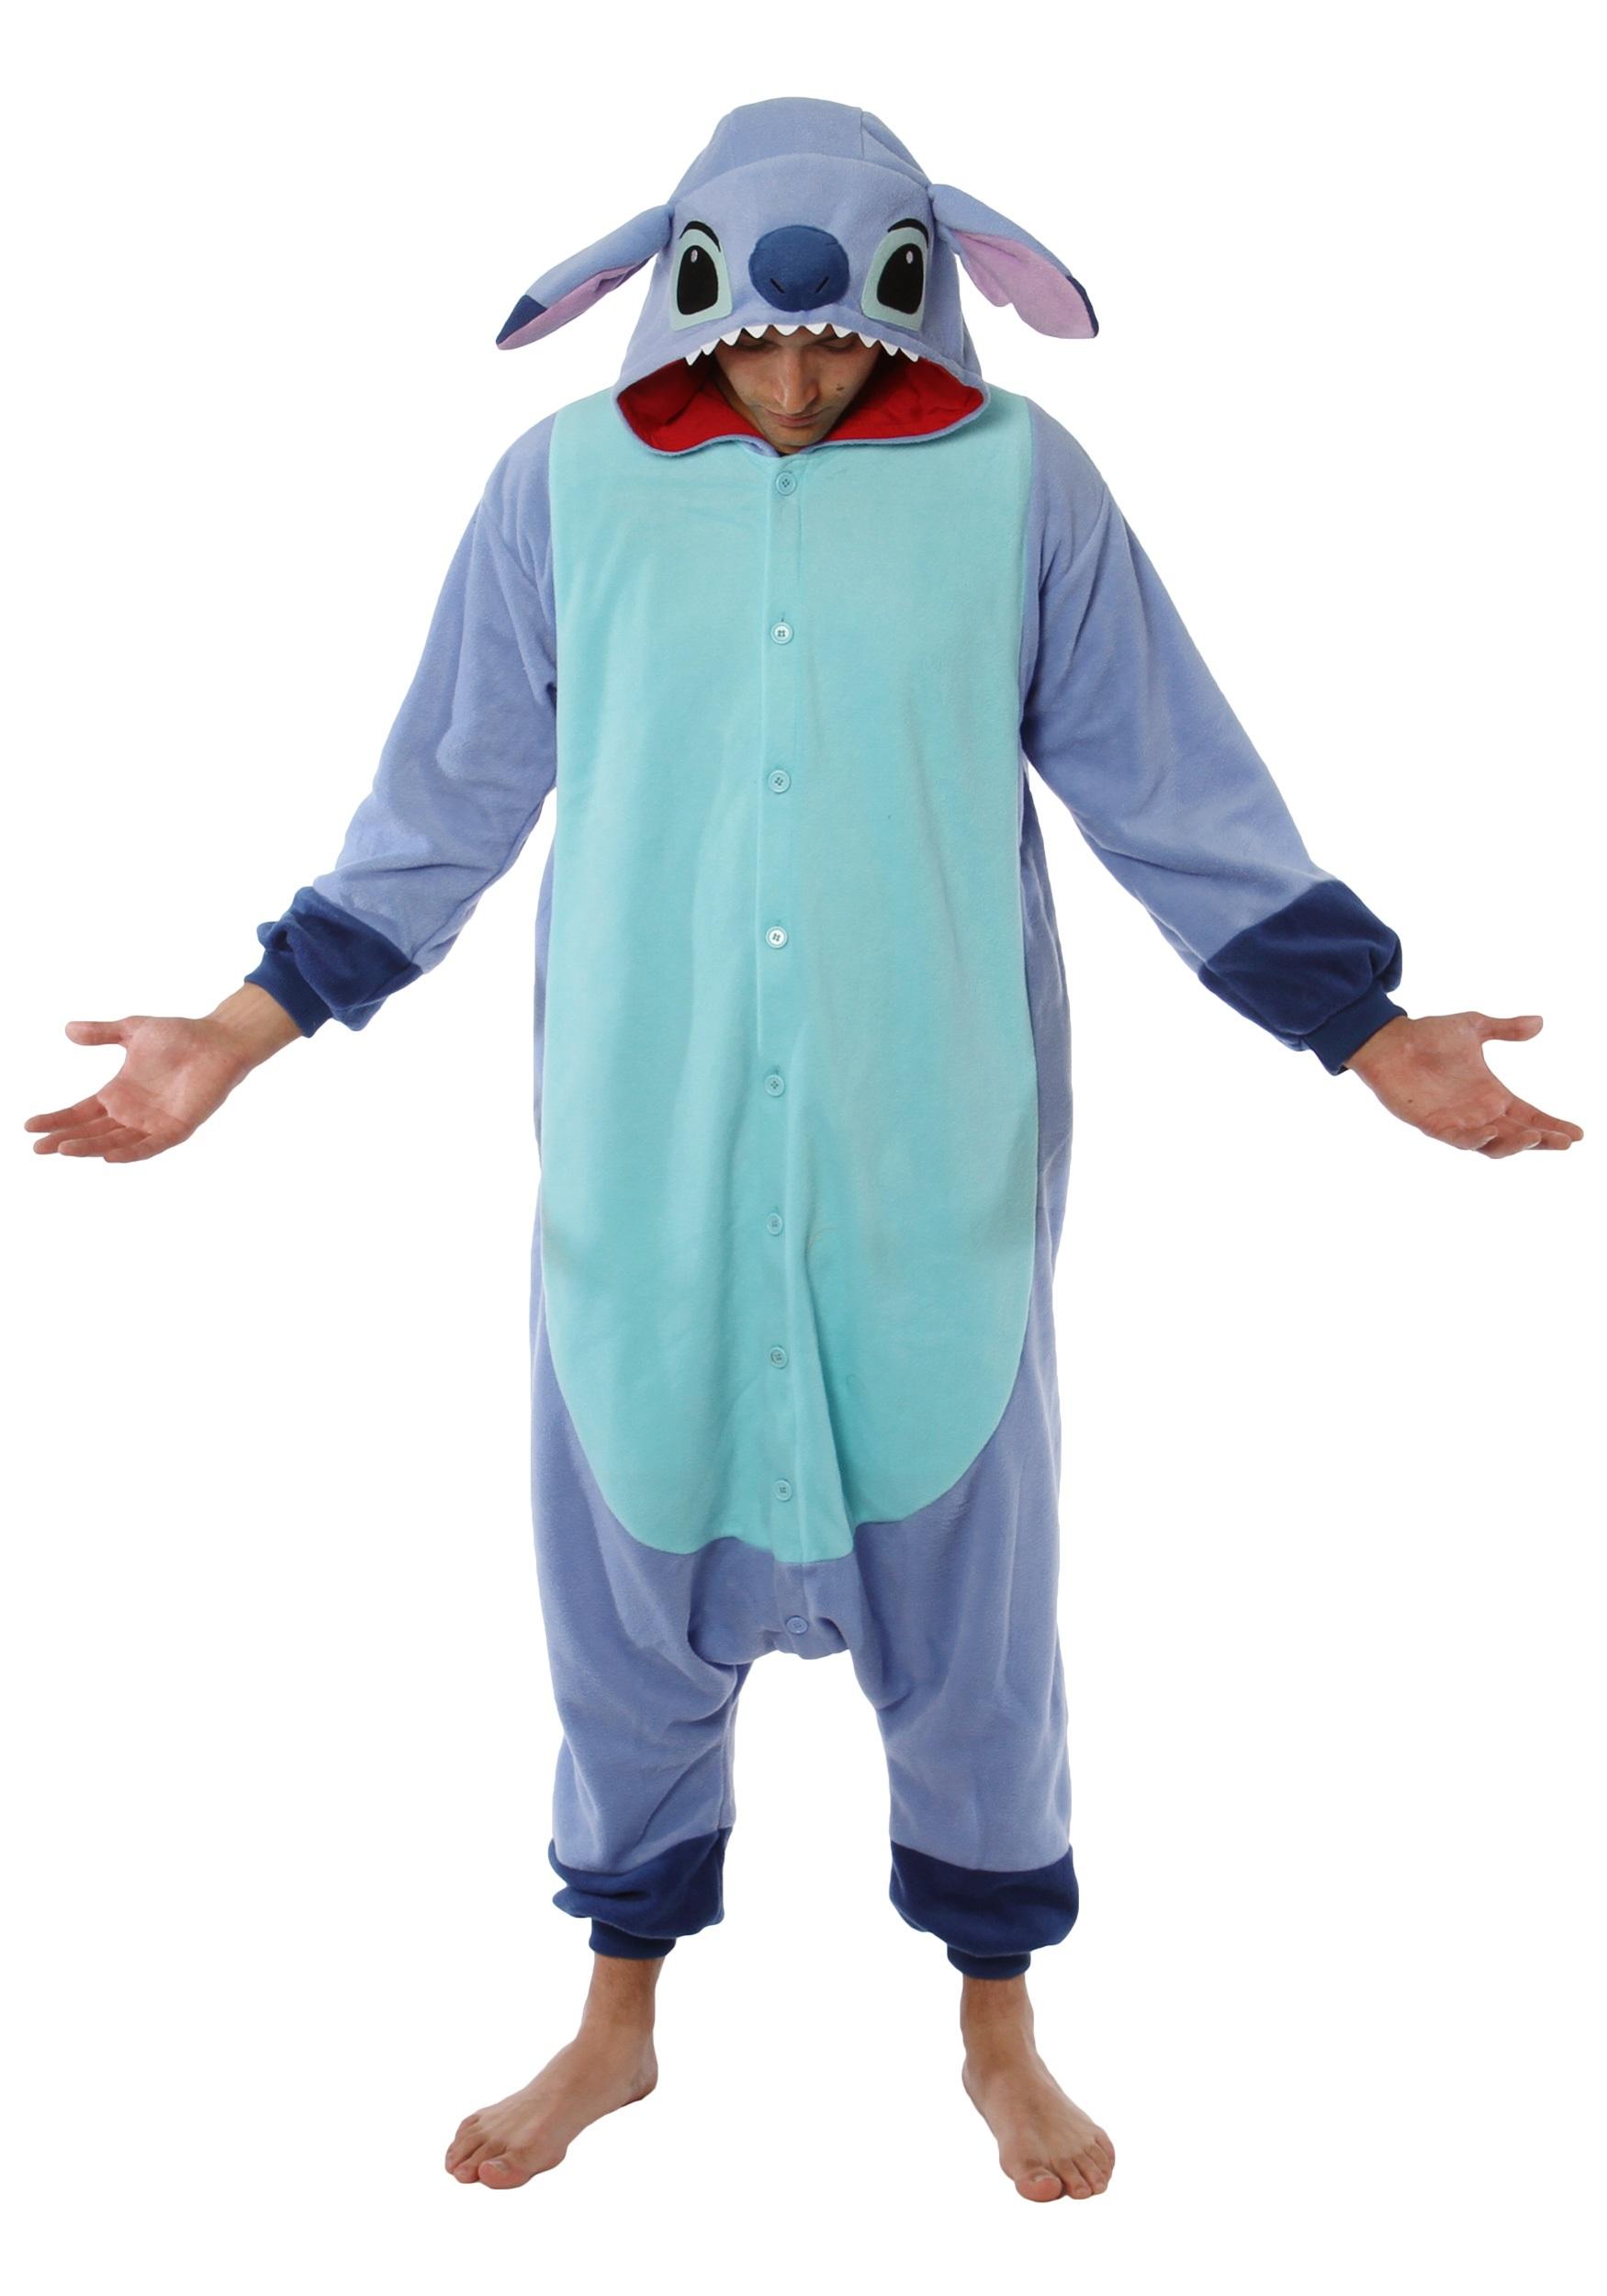 ffe2431ed96d stitch-pajama-costume.jpg